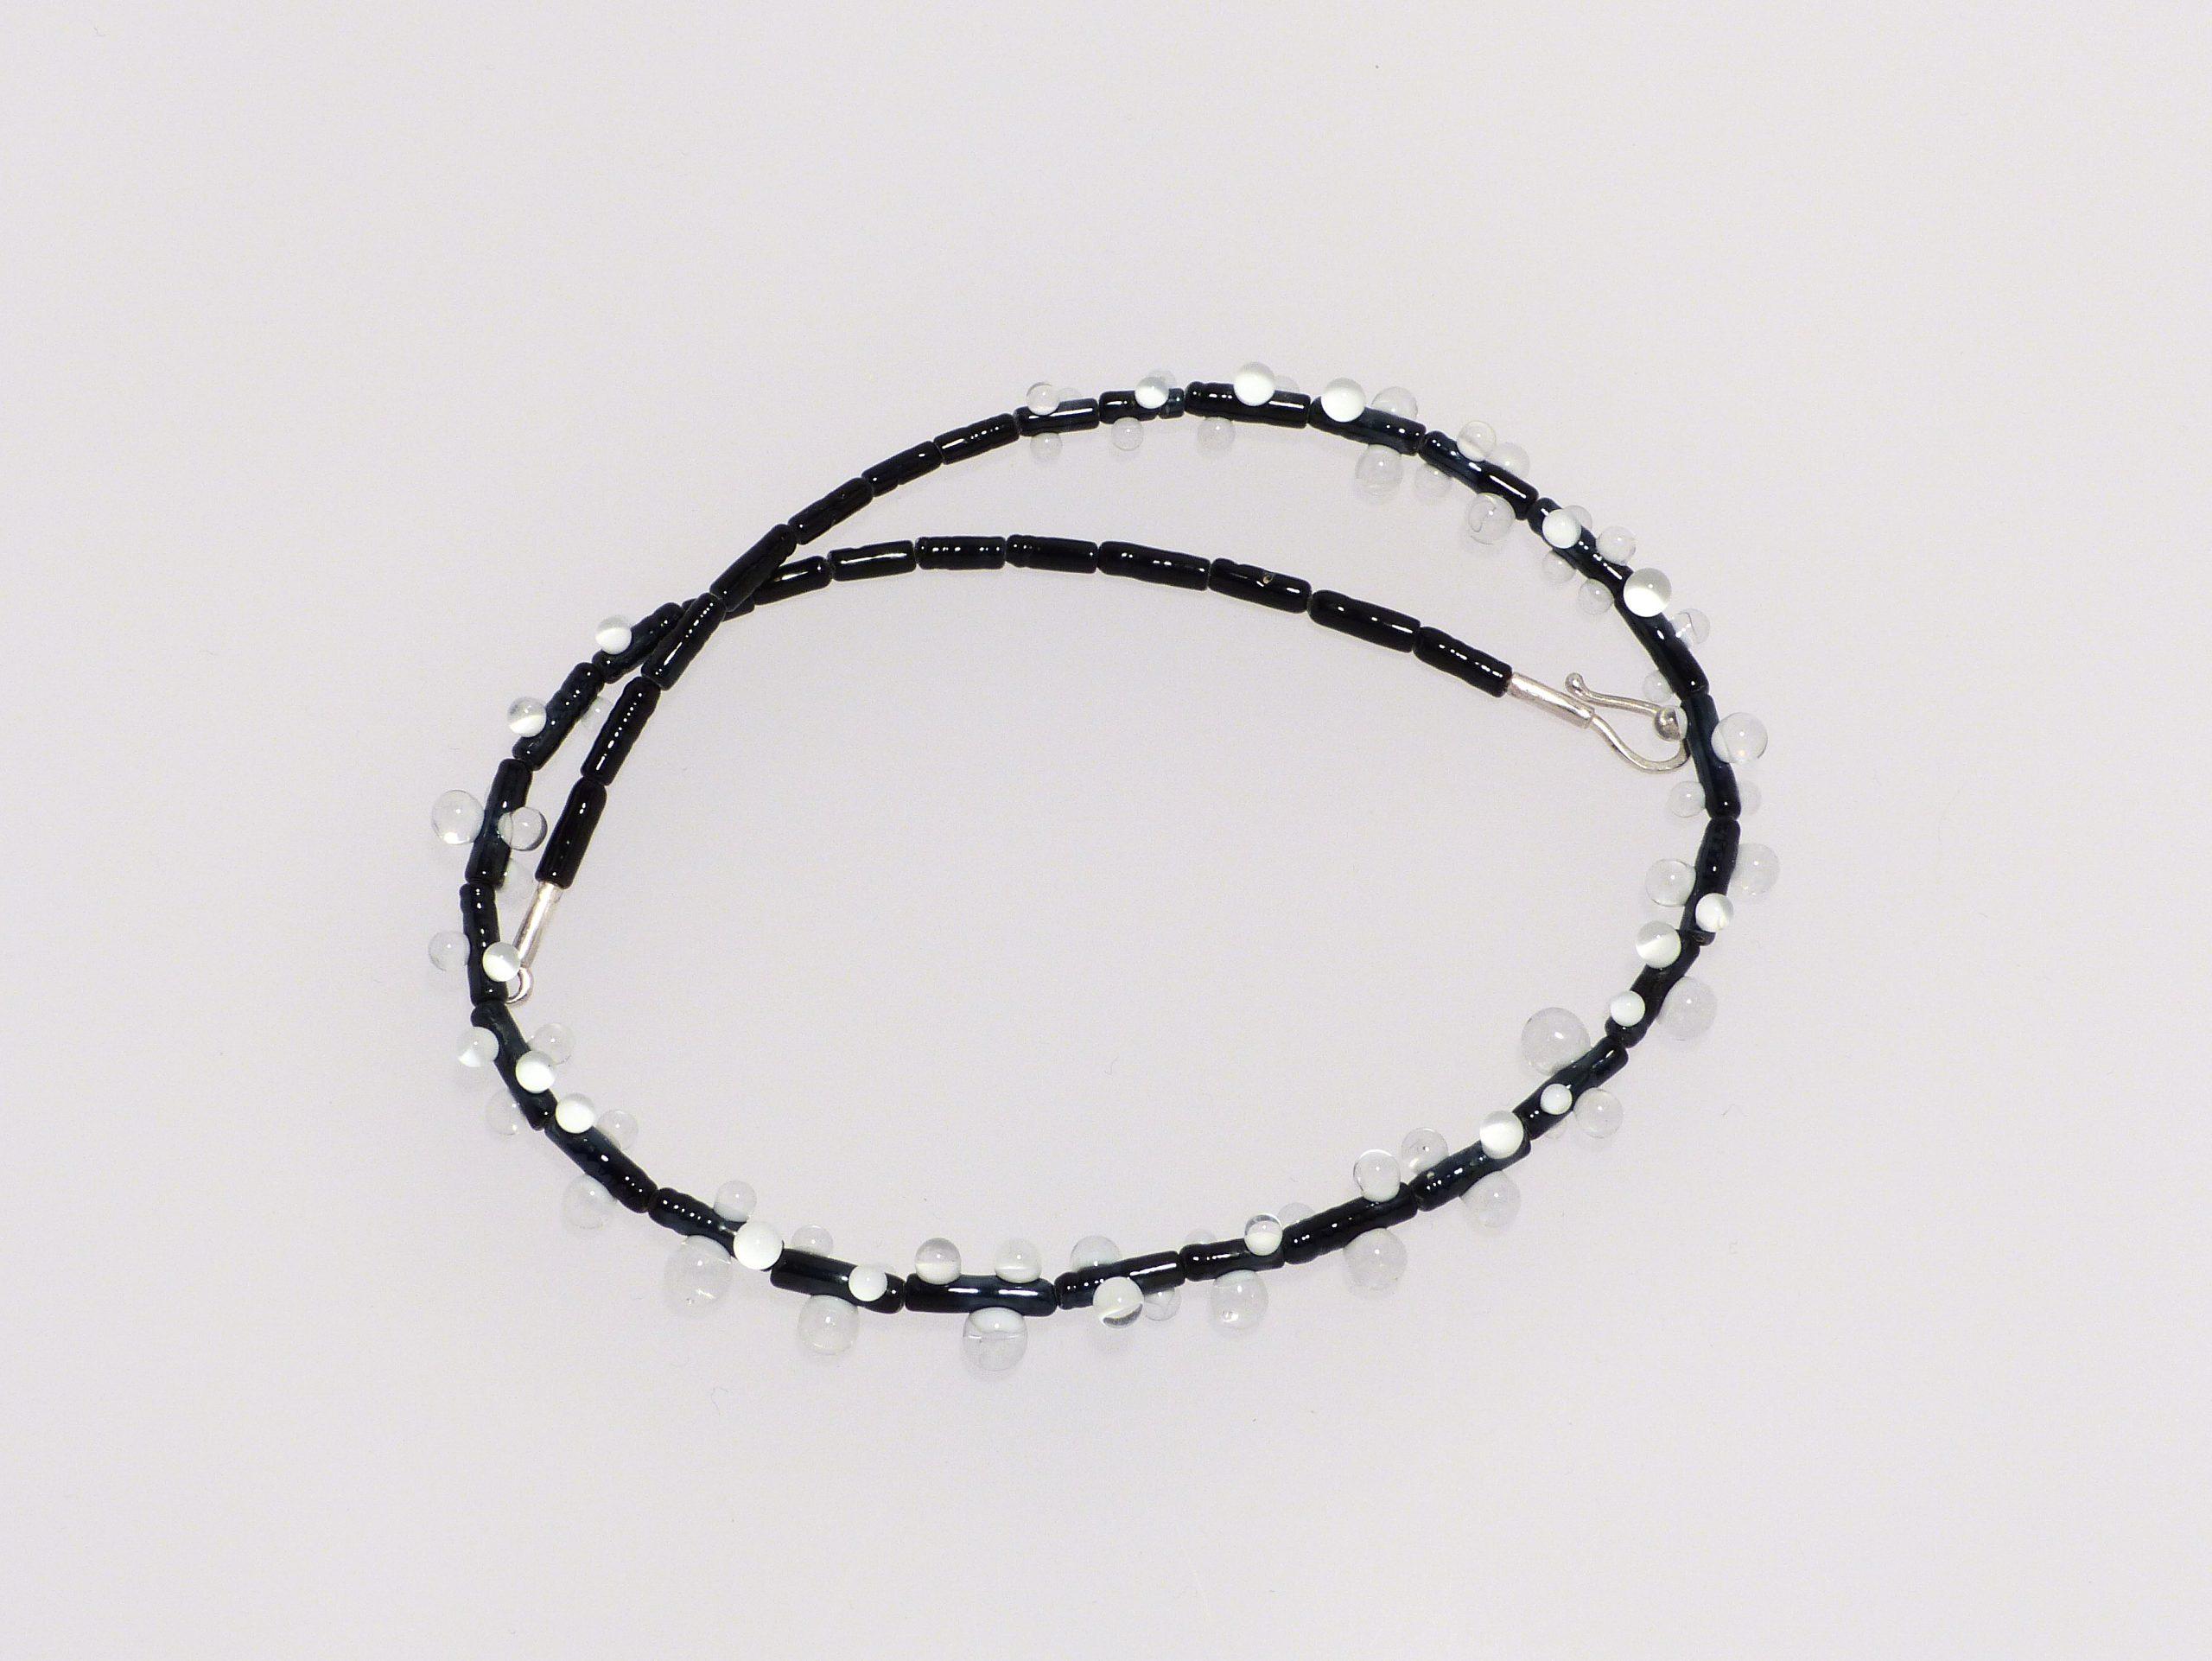 Tau, schwarz-weiß- farblos | 3 farbig, Glas, Stahlseil, Silber | 090997b-19